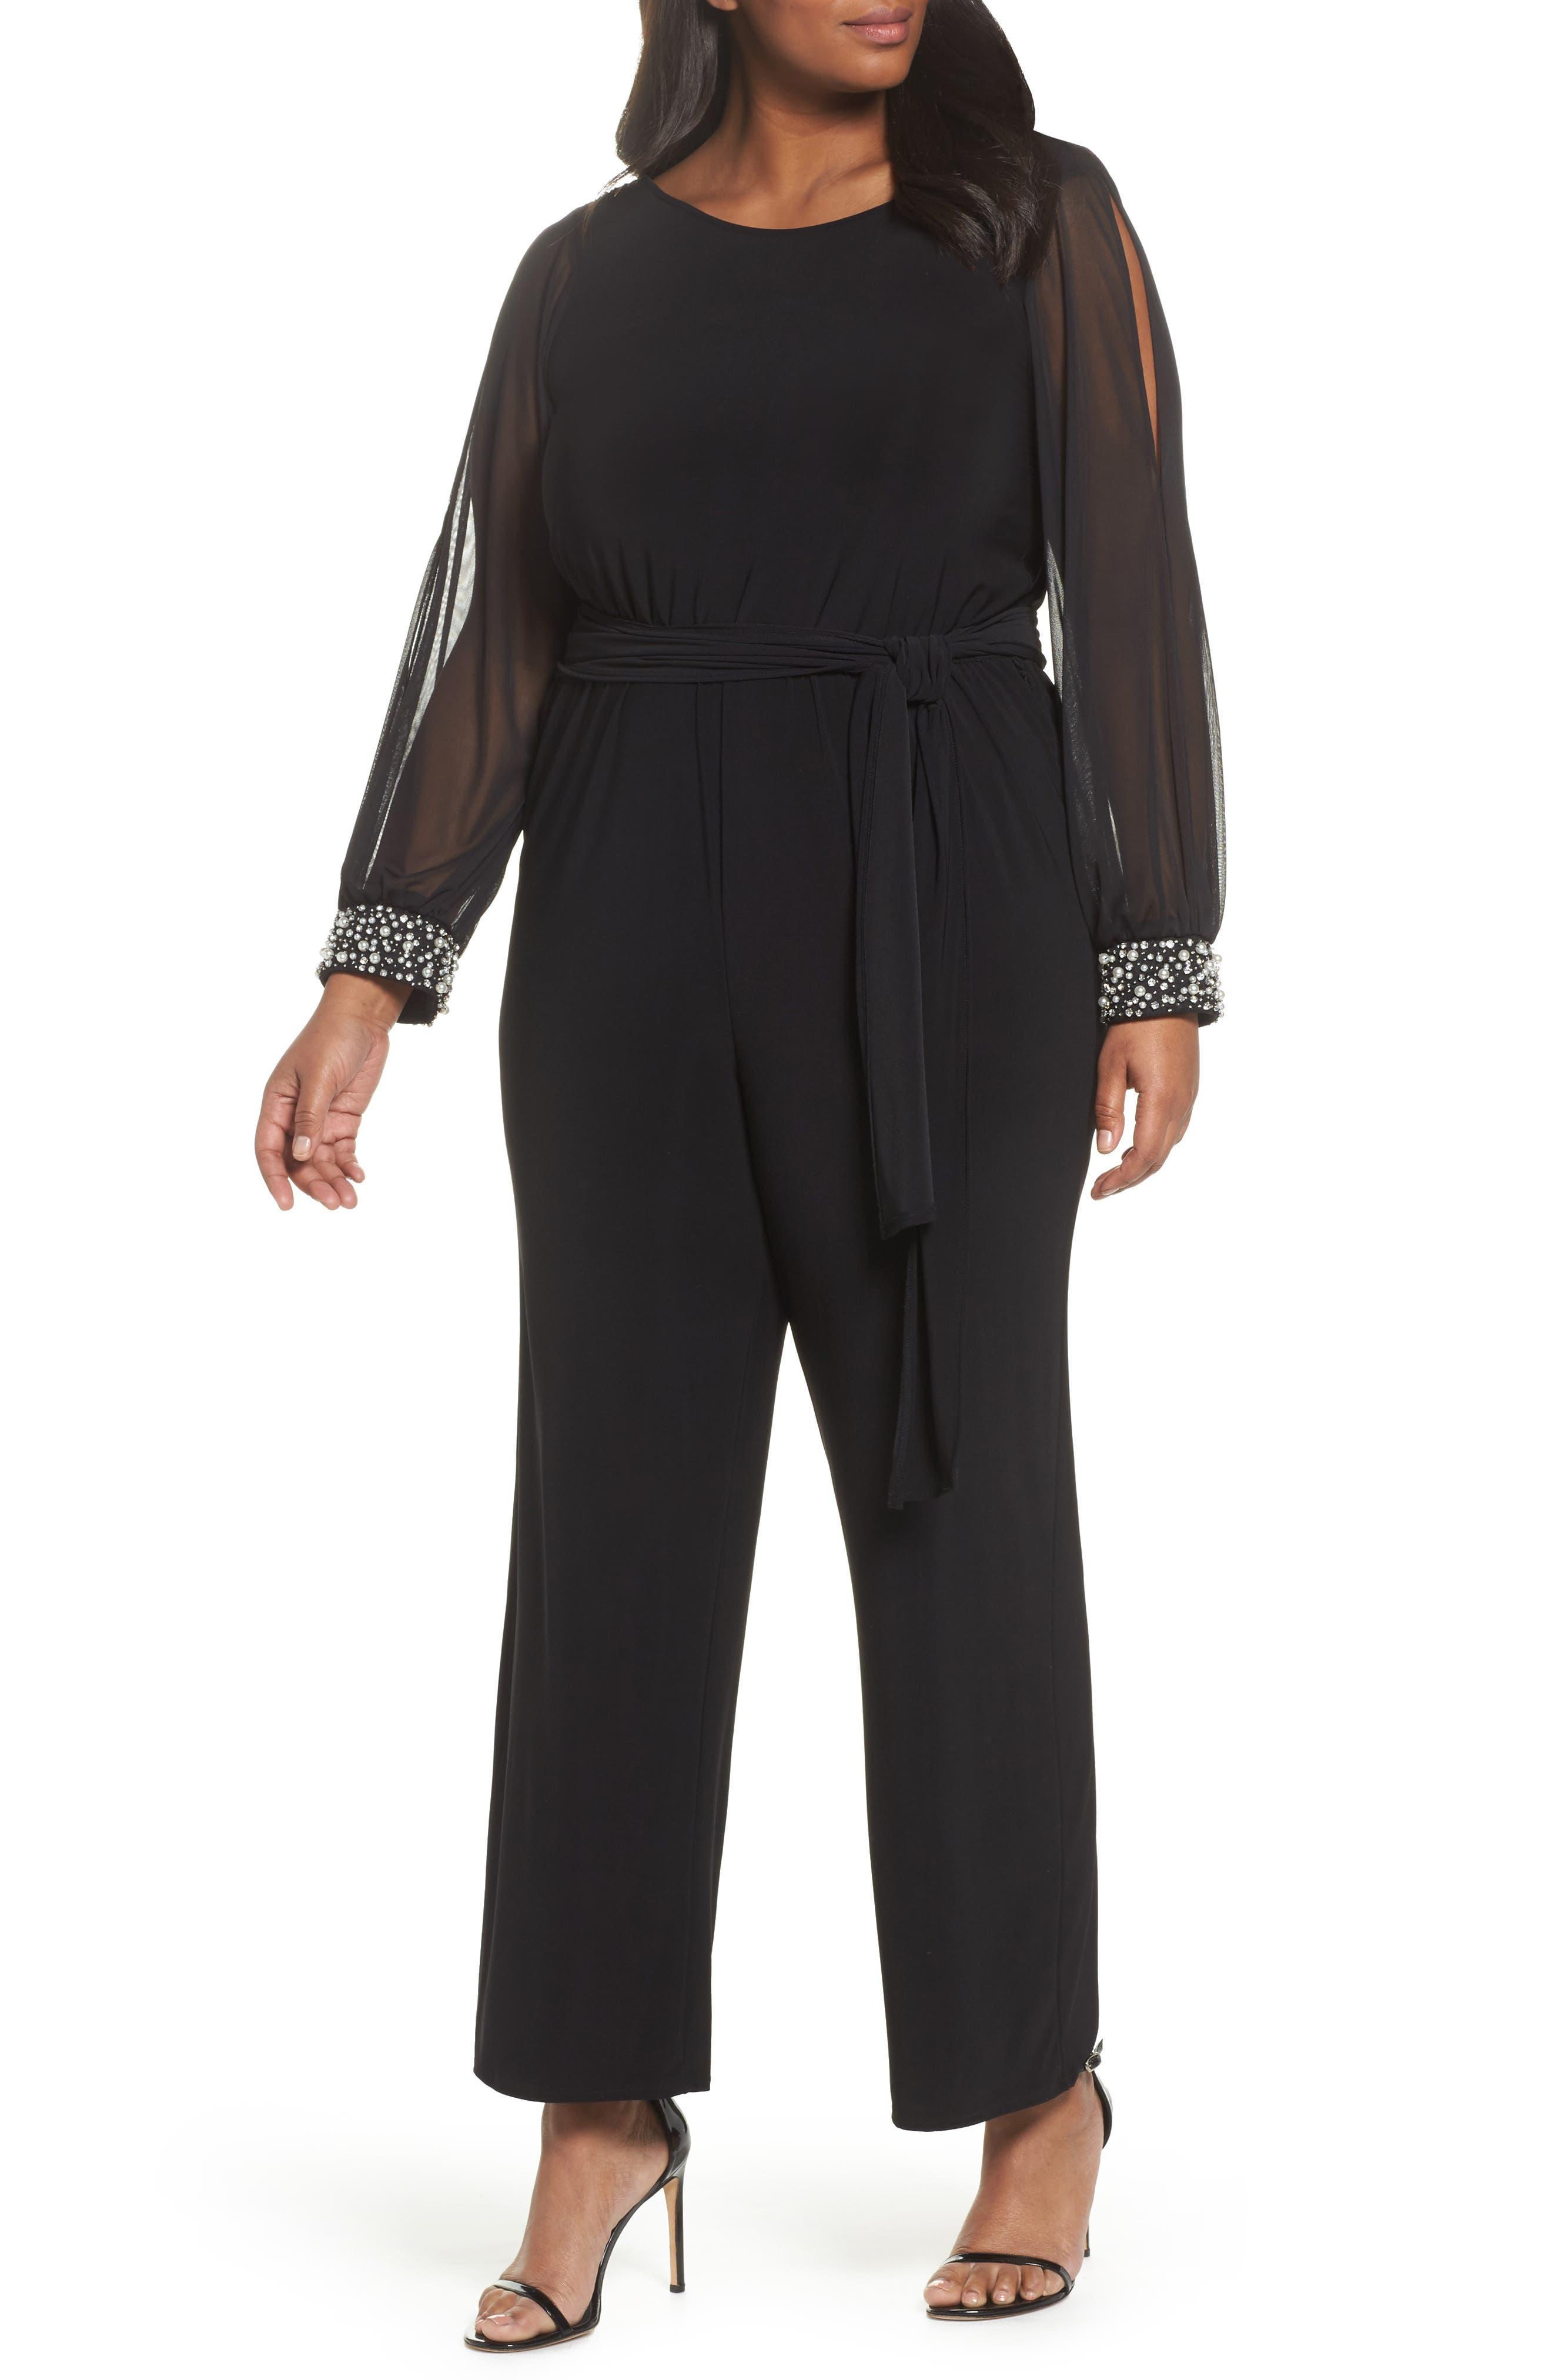 Main Image - Marina Embellished Cowl Back Jumpsuit (Plus Size)